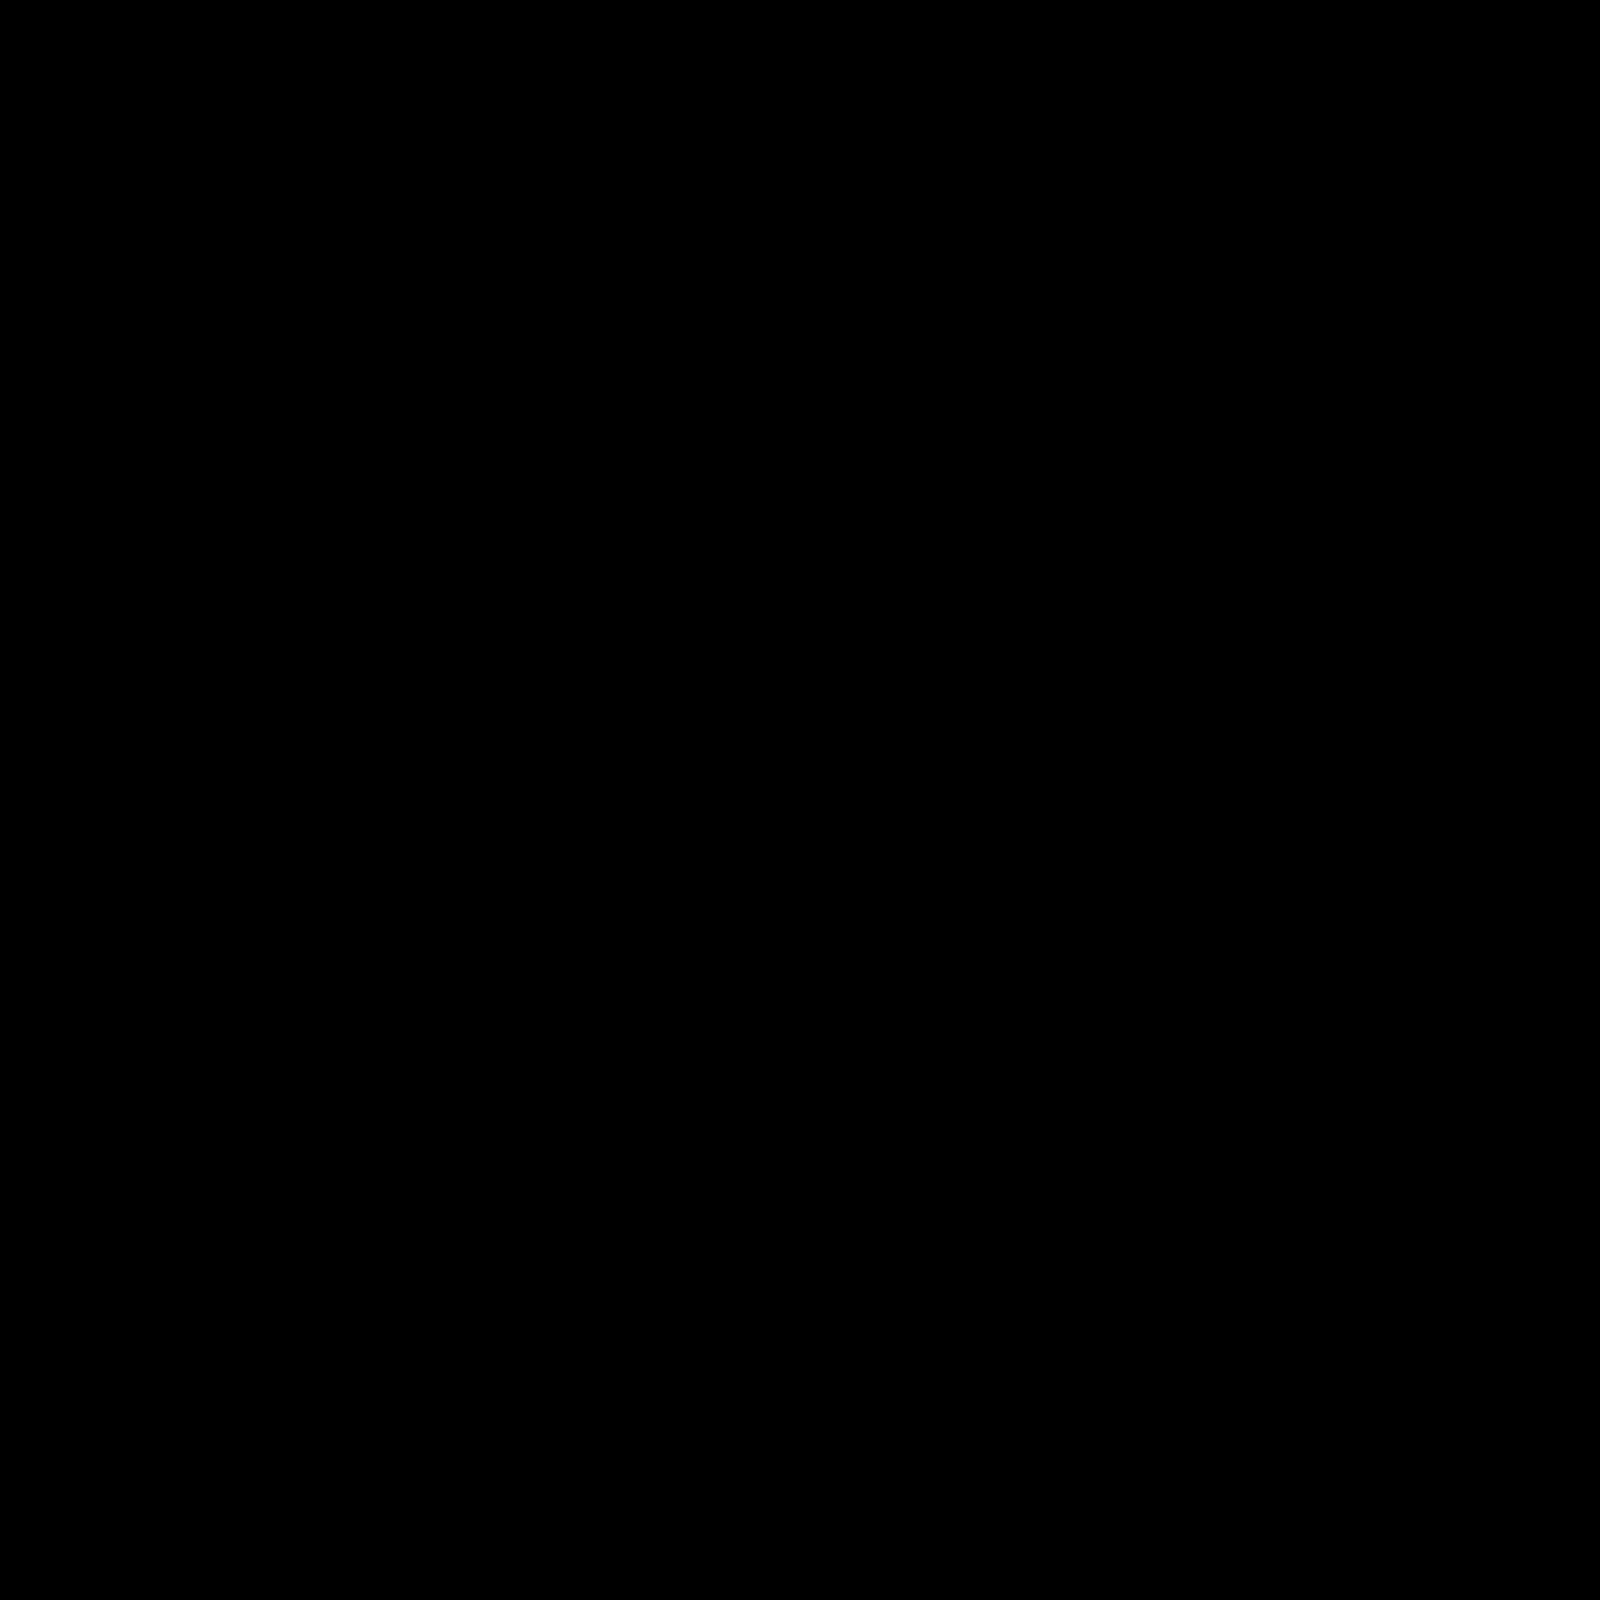 開く icon